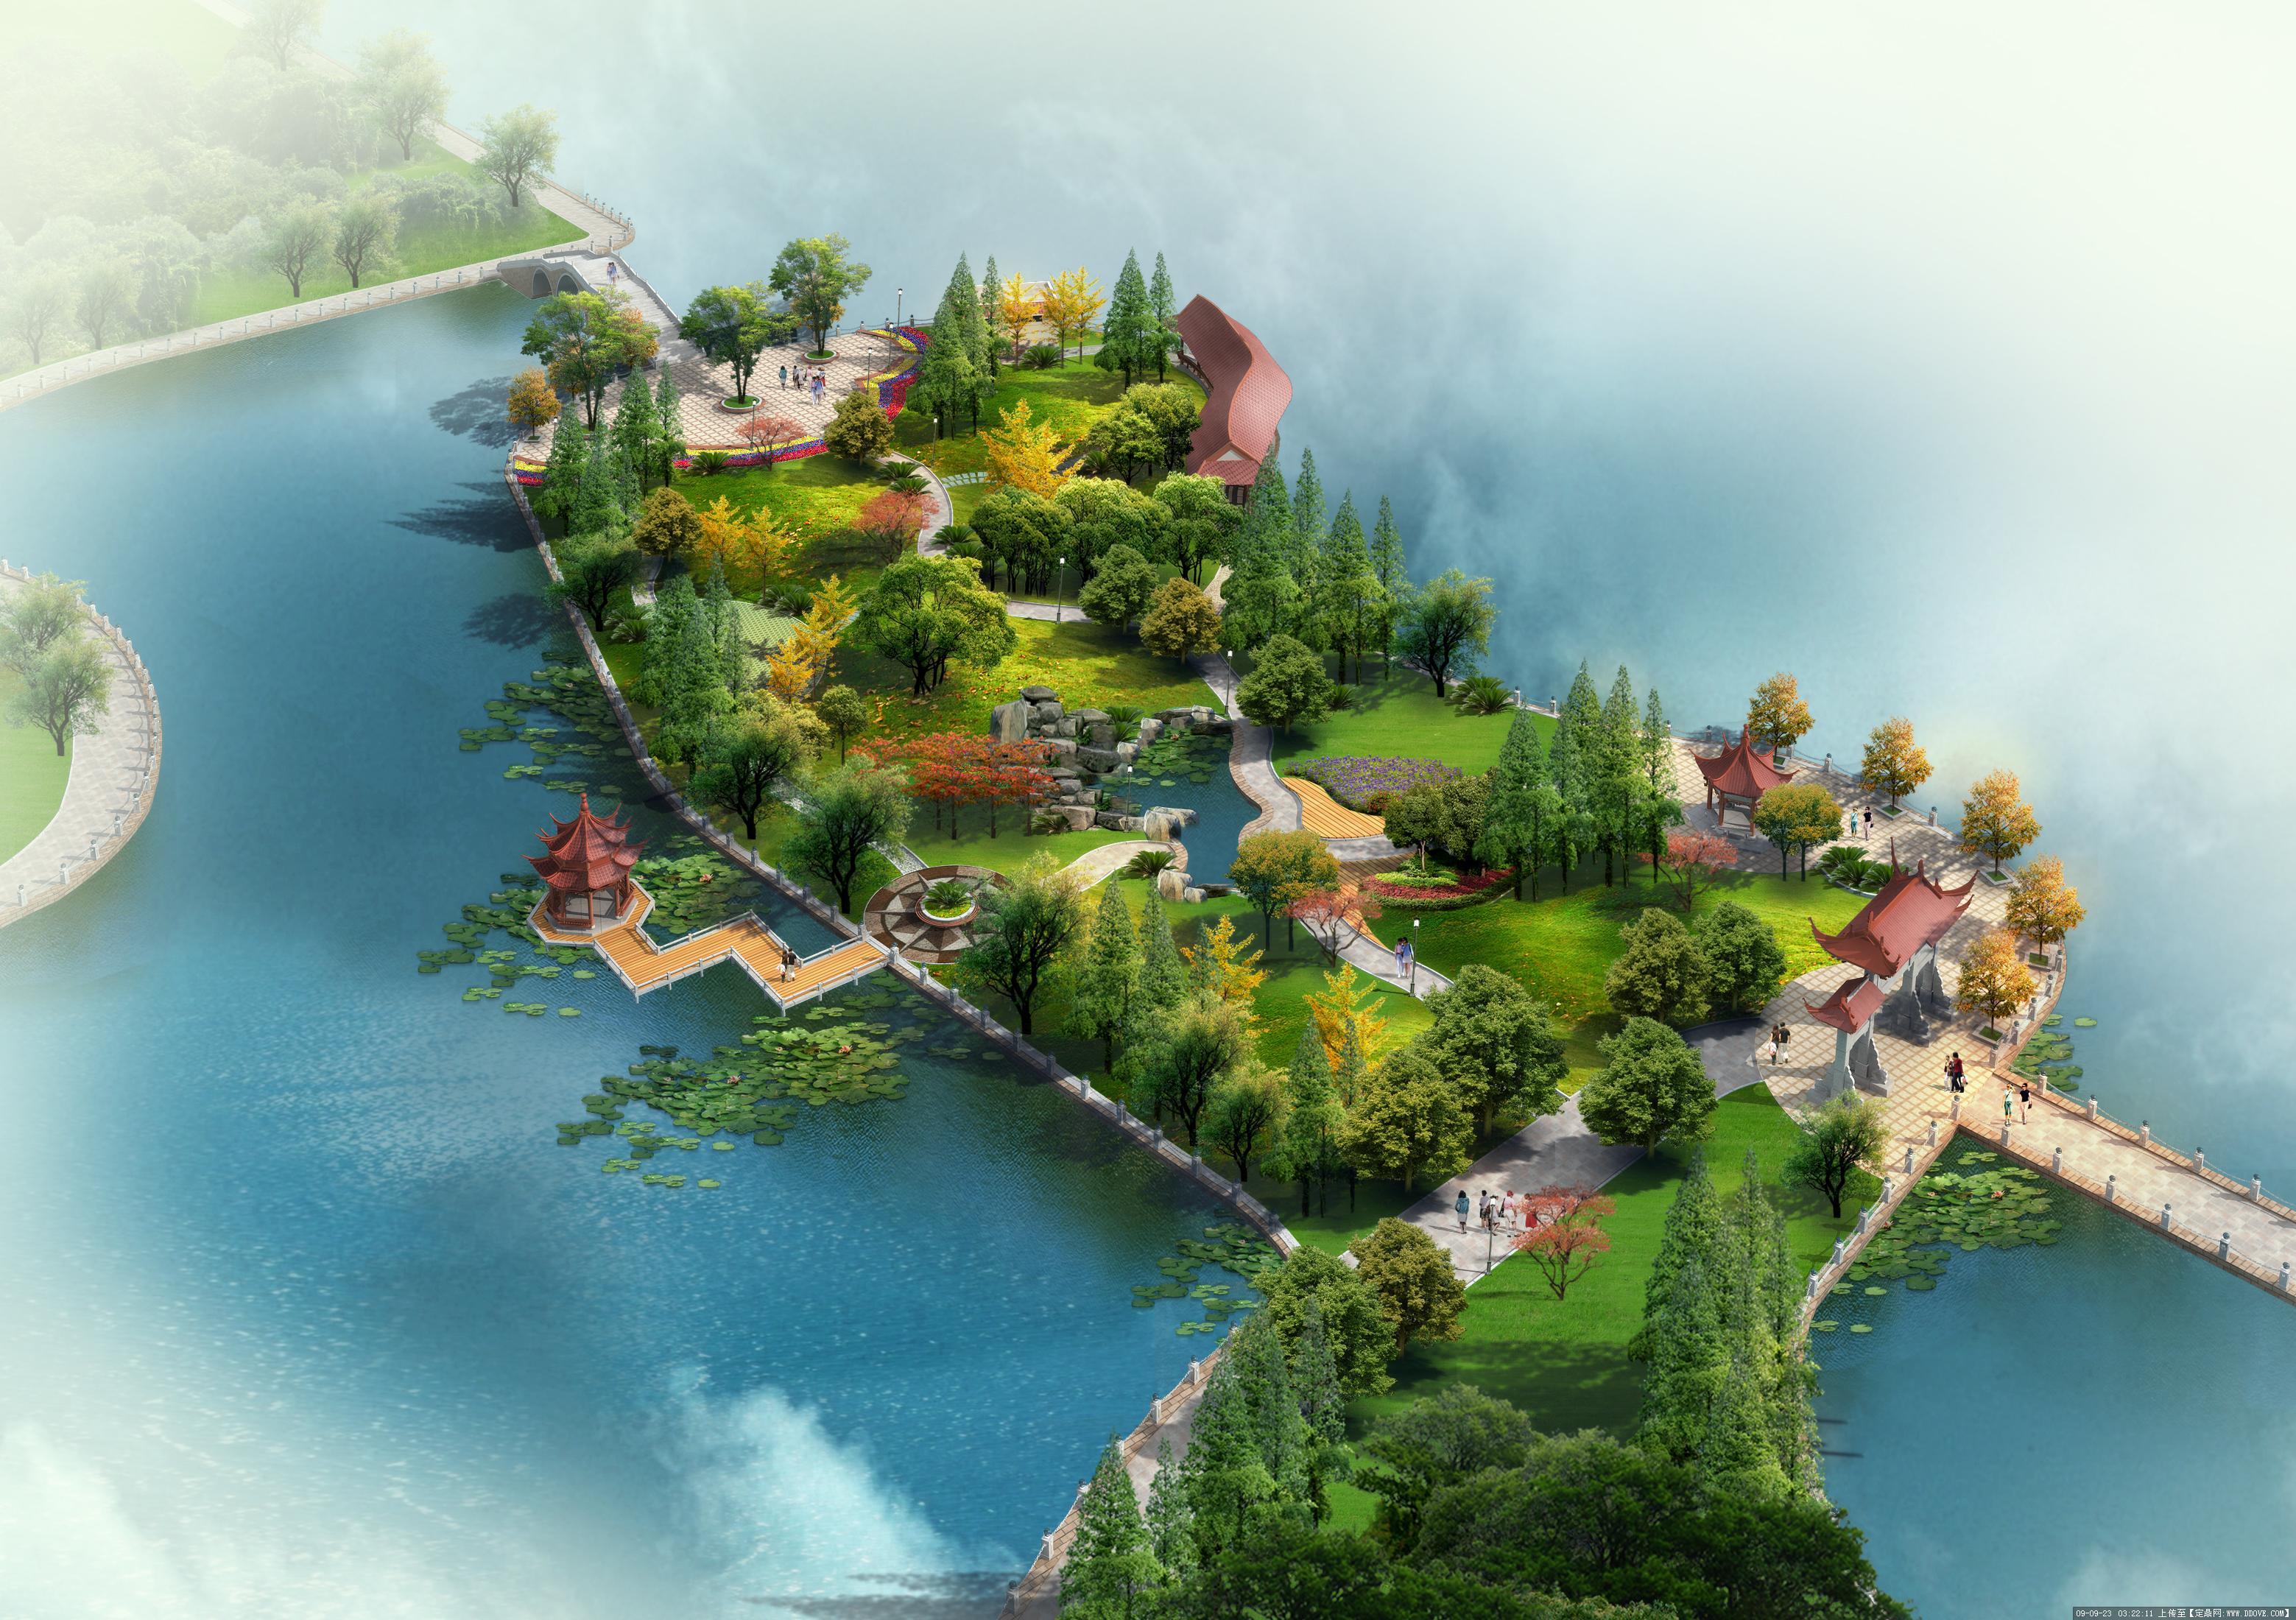 新农村公园景观规划方案鸟瞰效果图